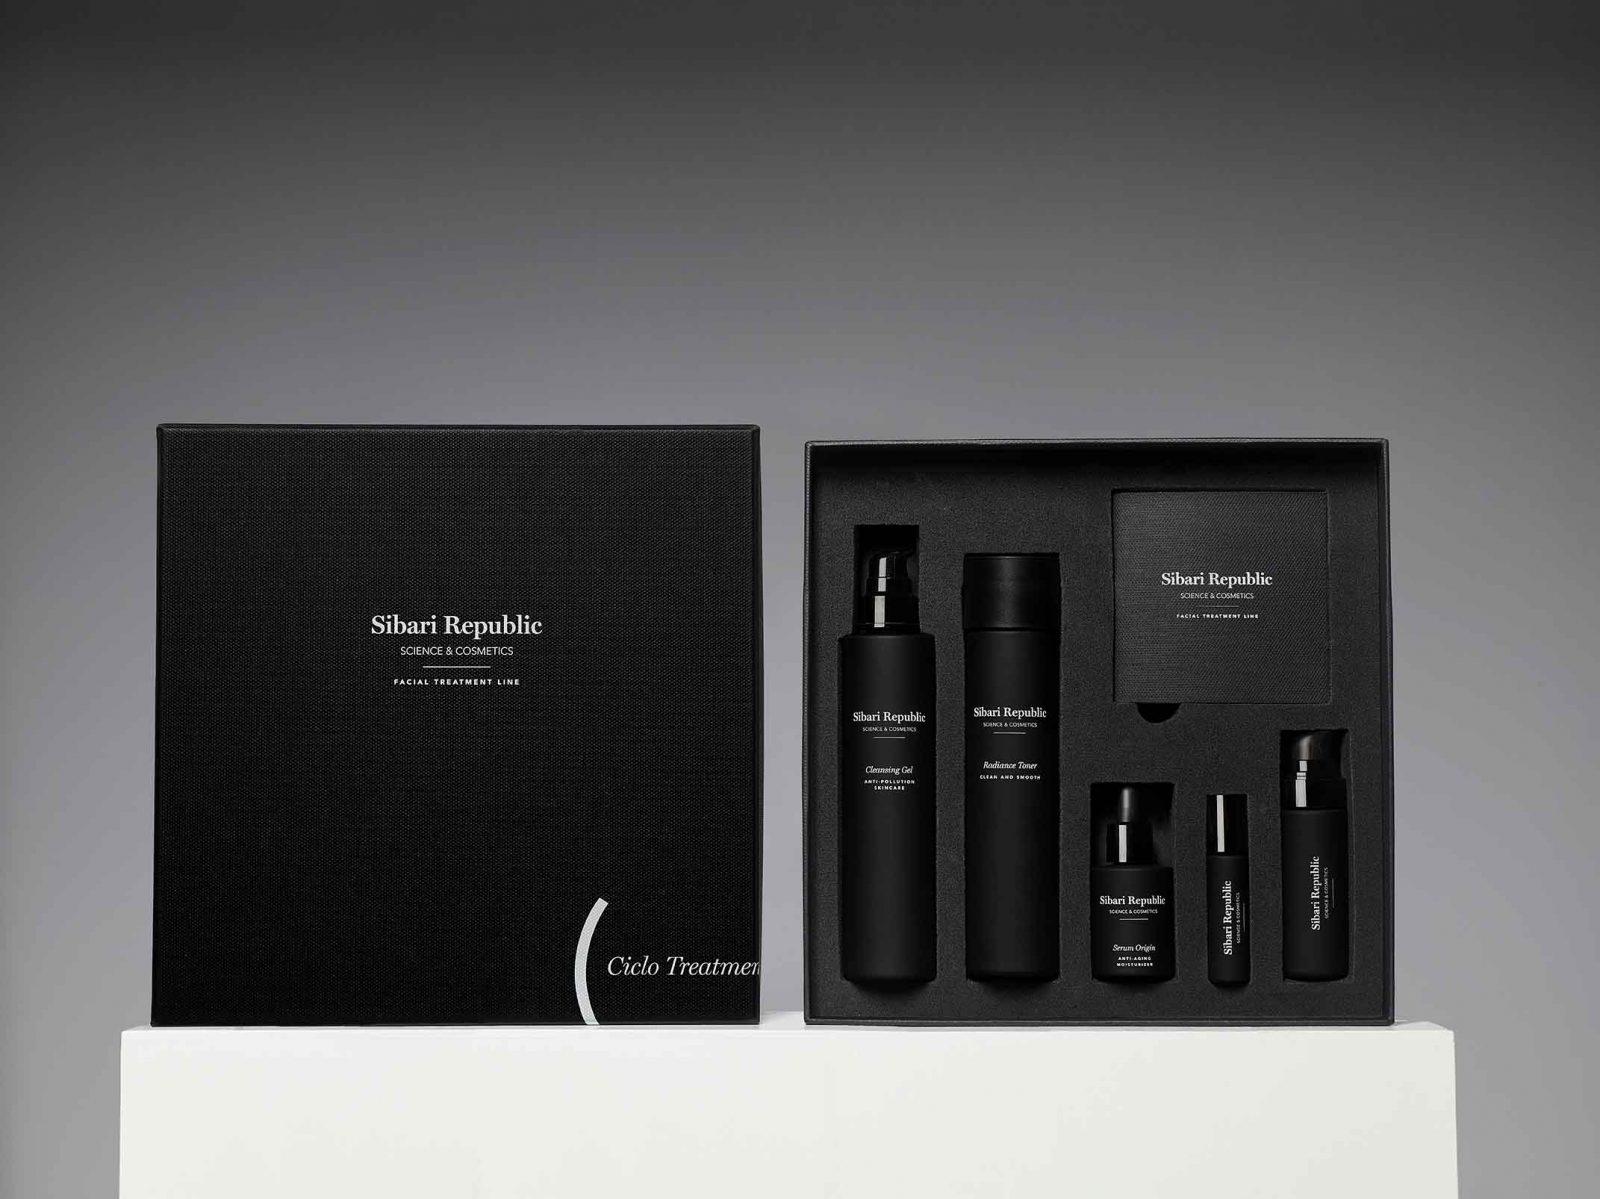 packaging impreso en negro abierto